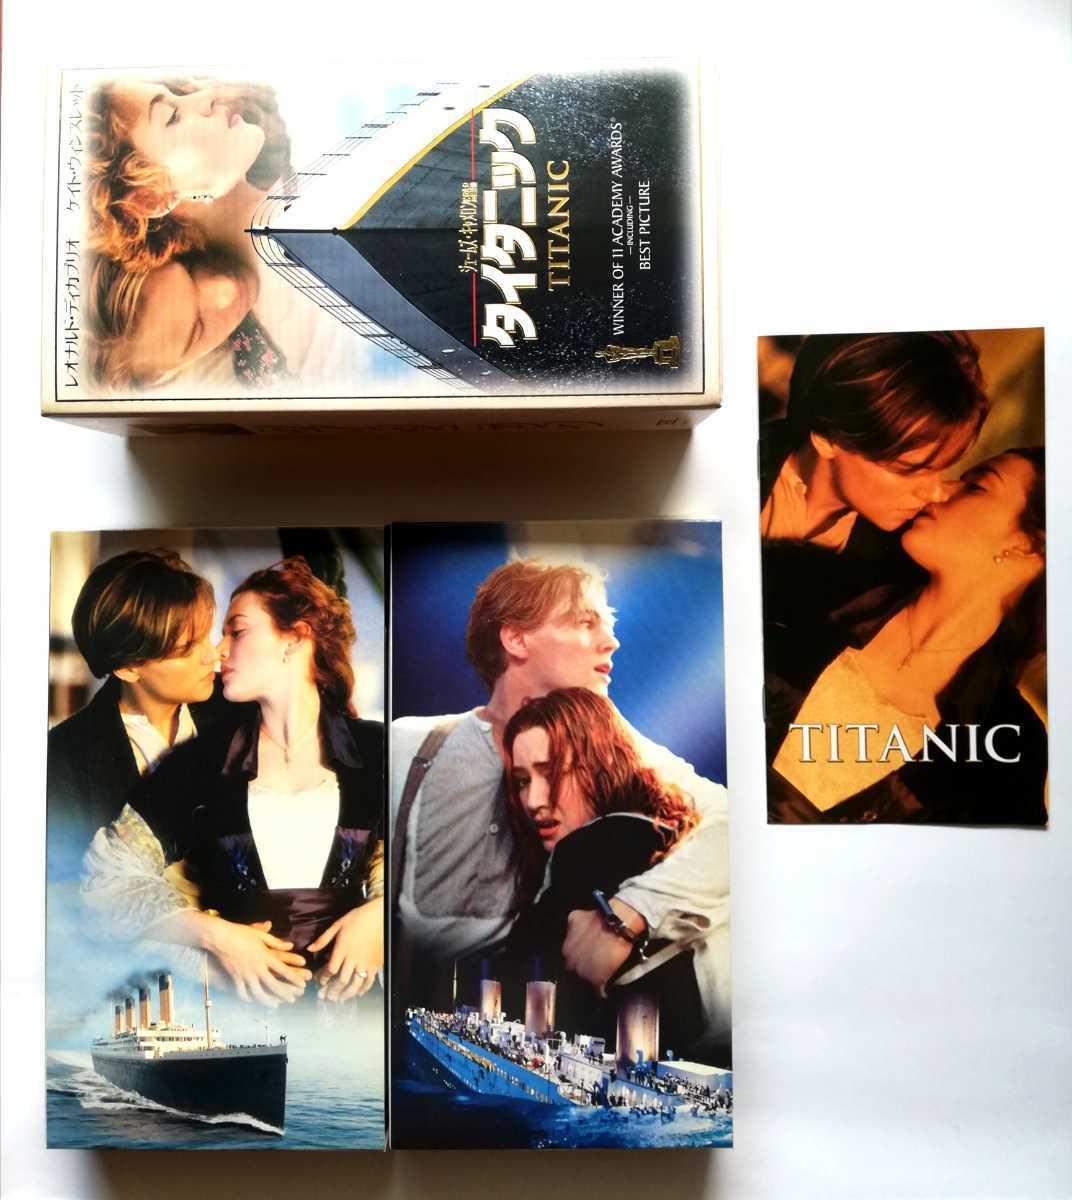 VHS ビデオテープ タイタニック TITANIC 字幕  ジェームズ・キャメロン監督 レオナルド・ディカプリオ ケイト・ウィンスレット _画像1